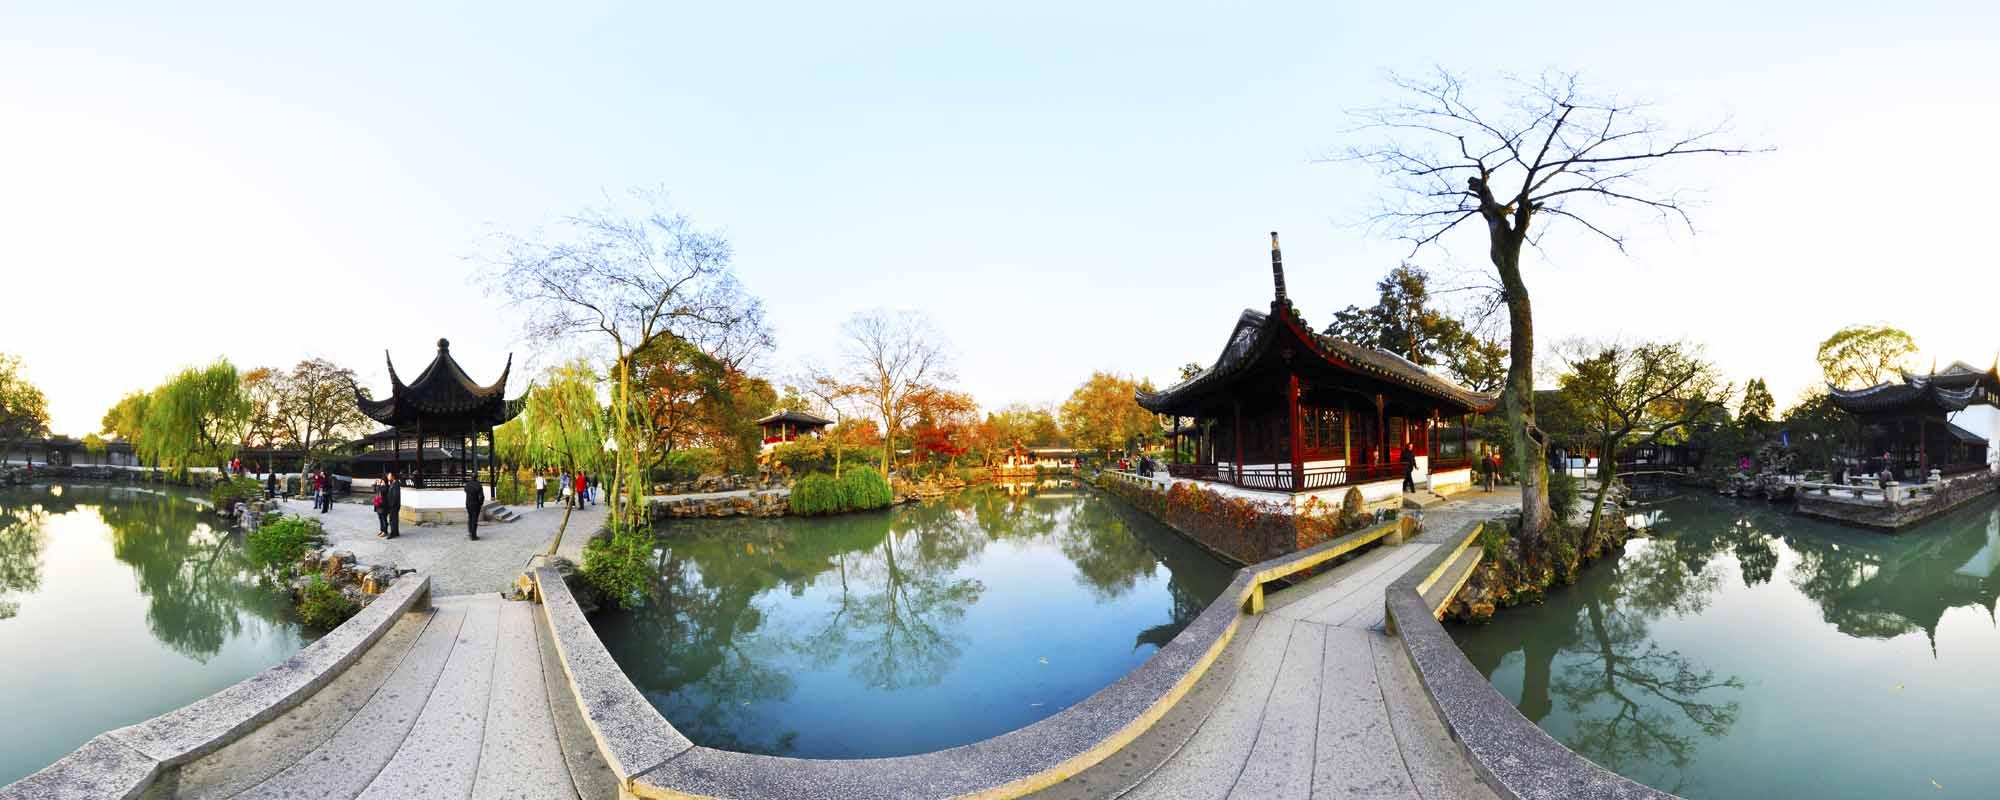 苏州虚拟旅游